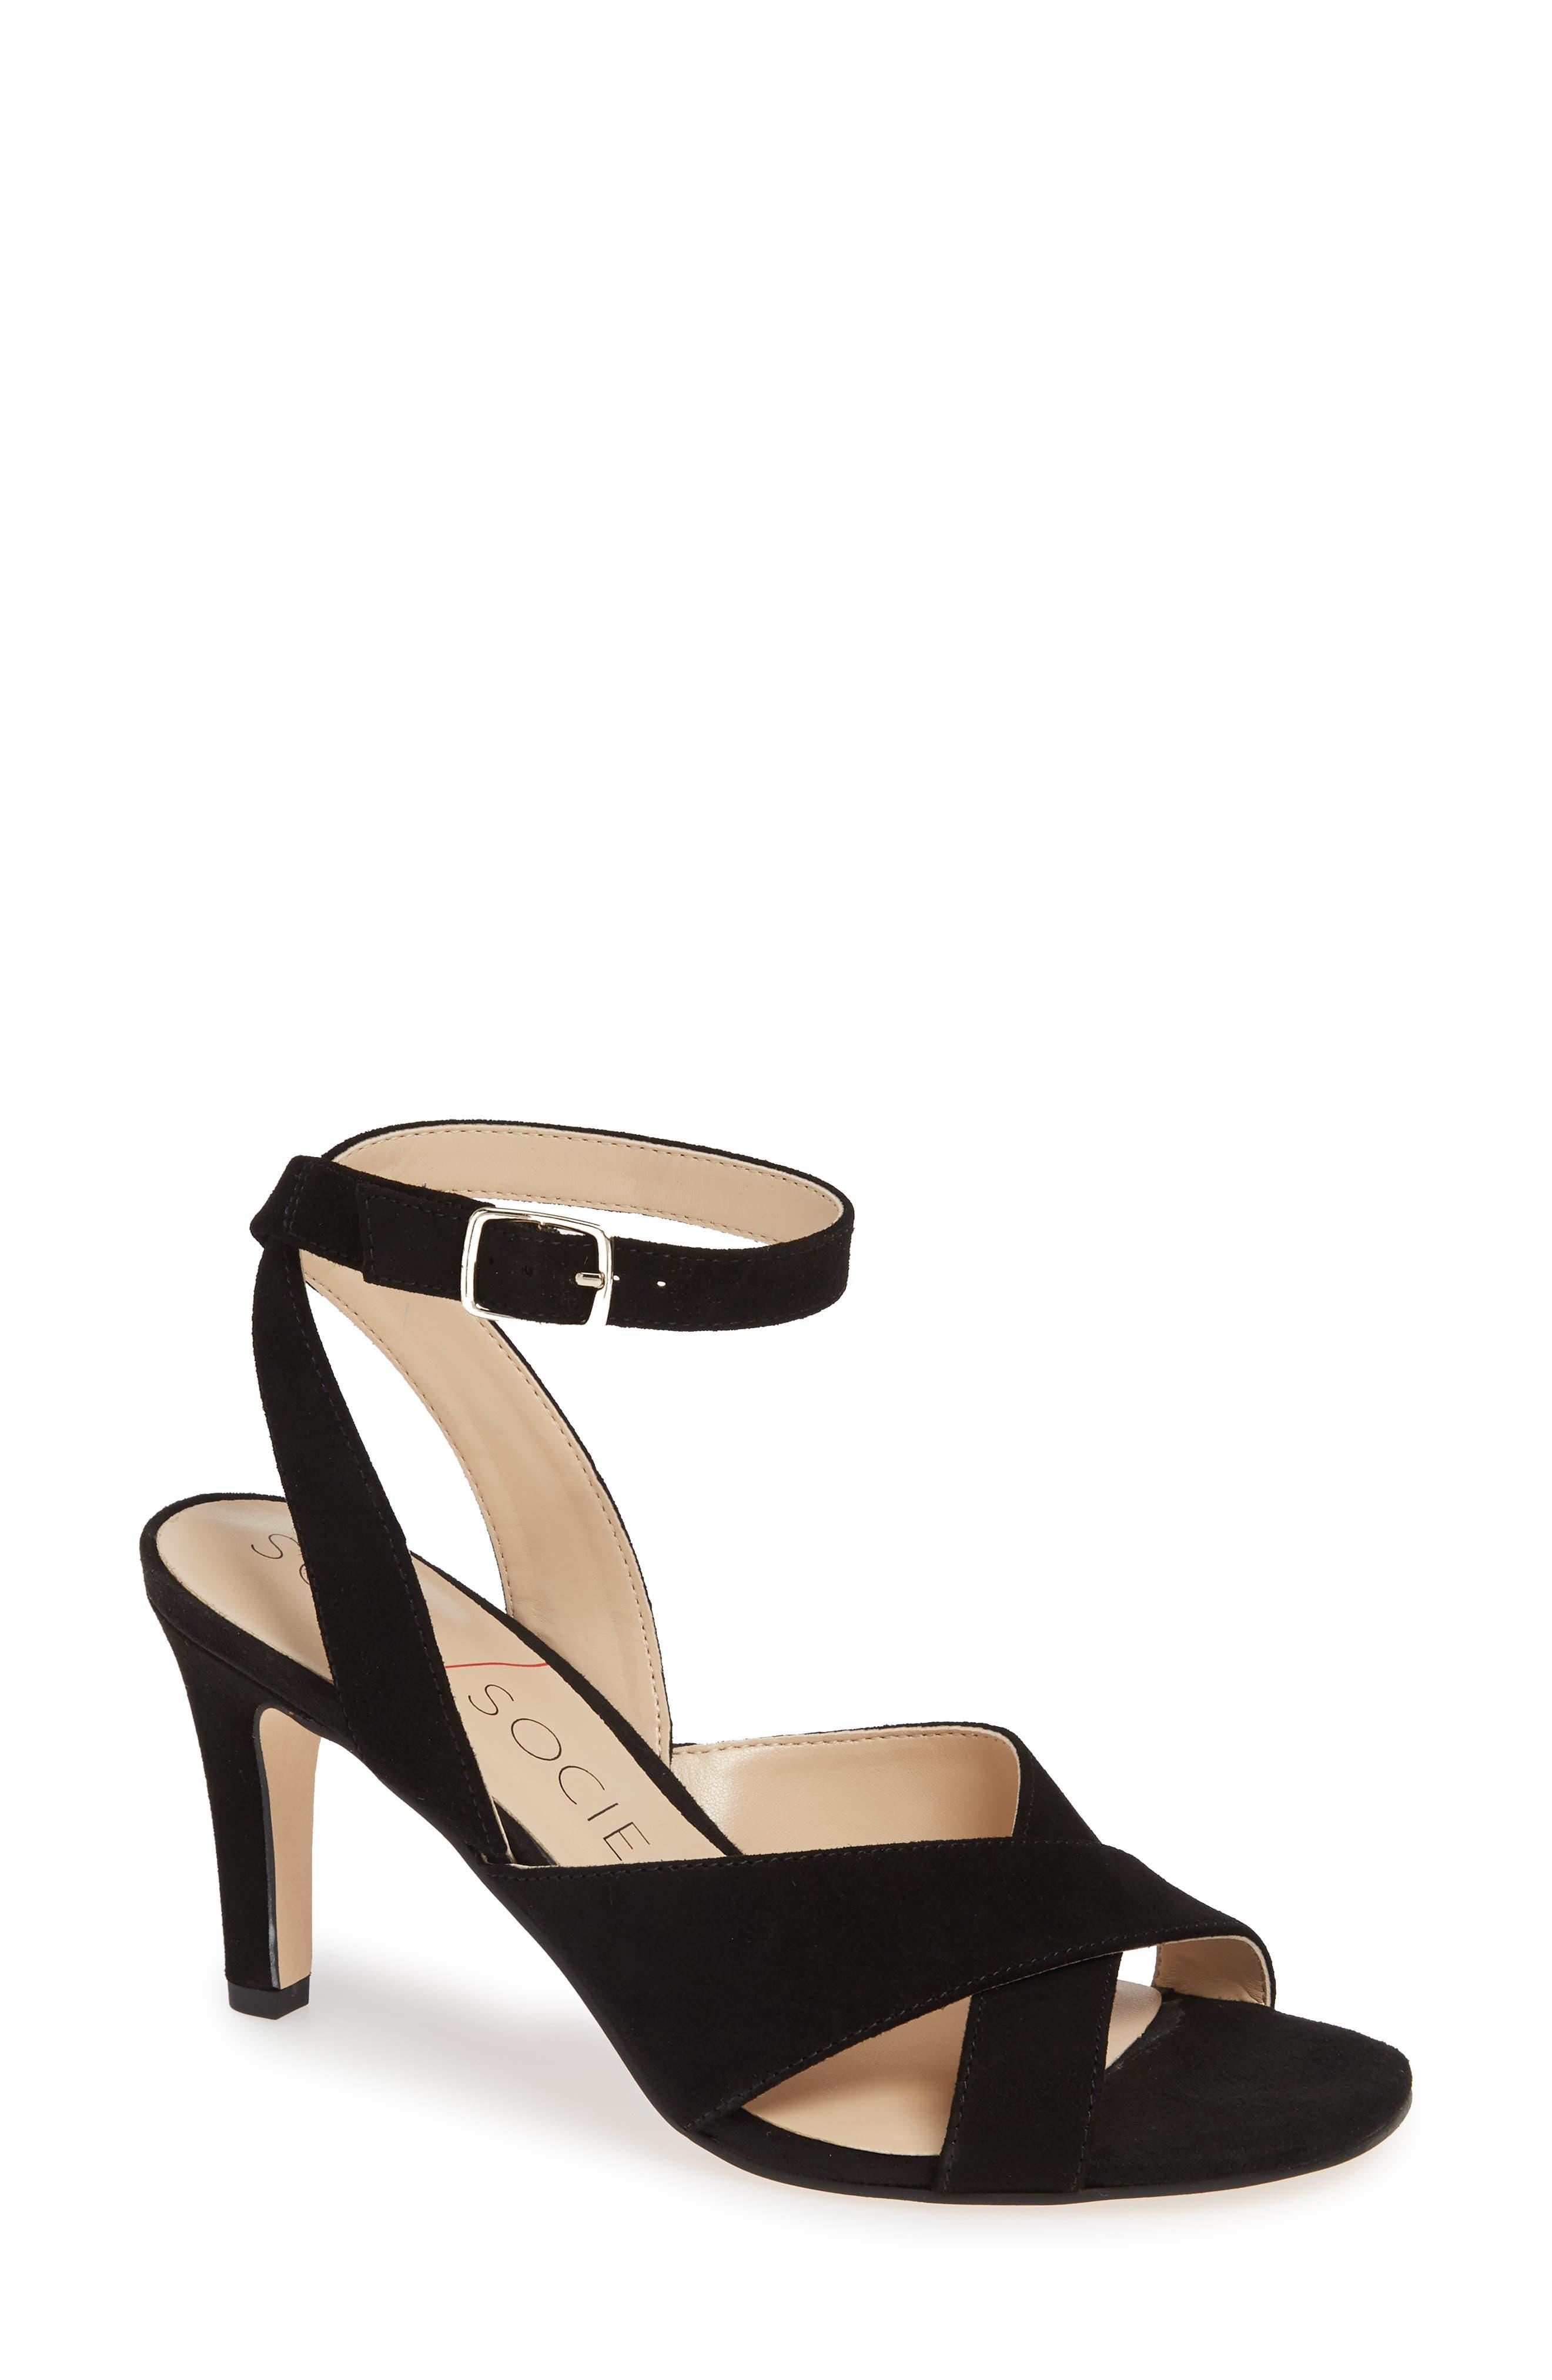 Cassidea Ankle Strap Sandal, Main, color, 001